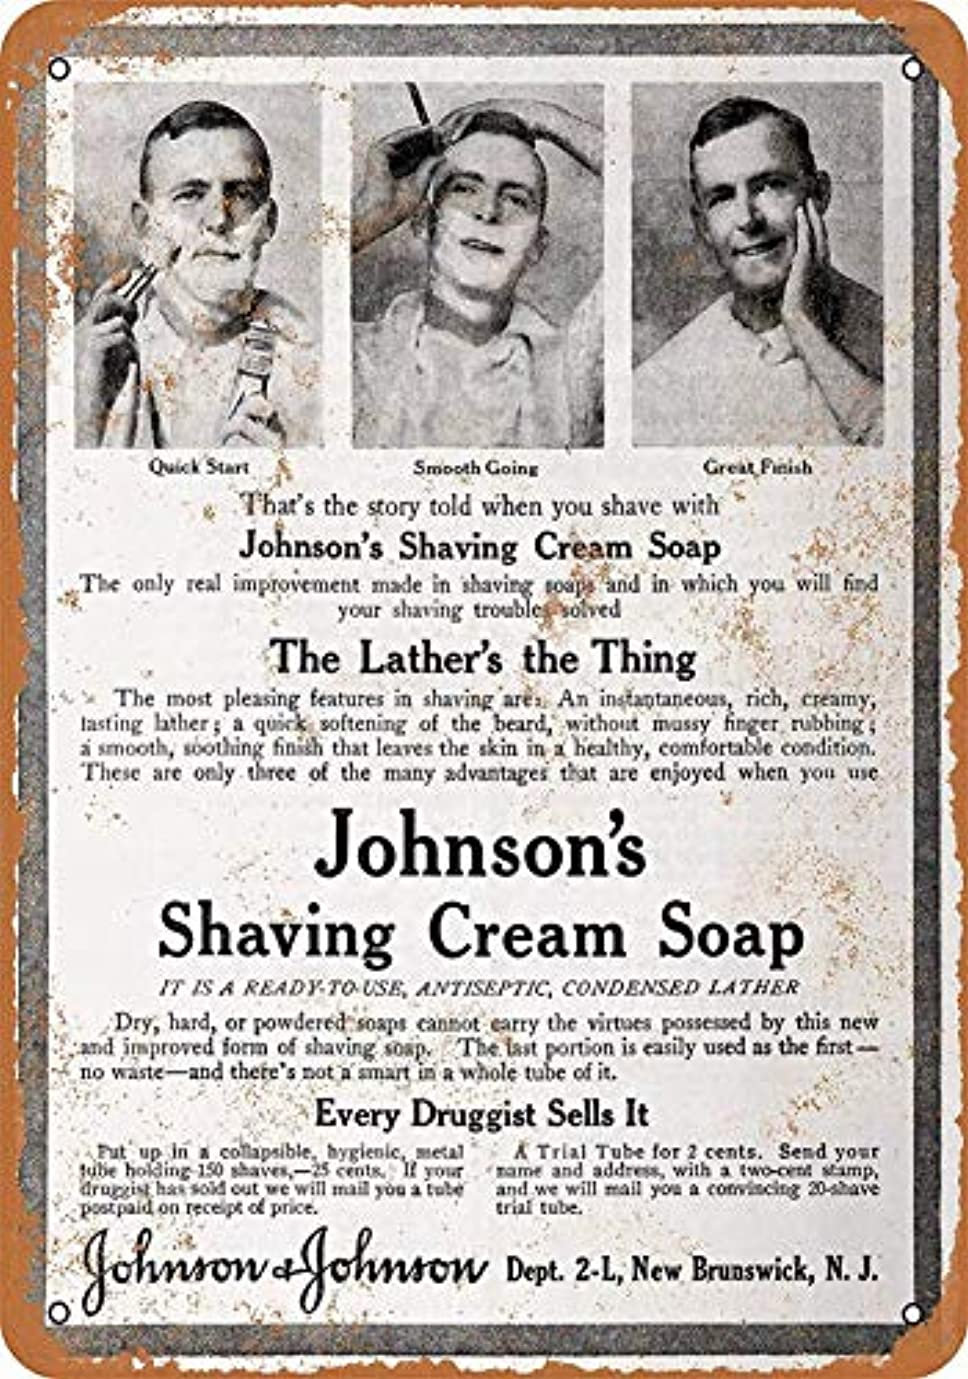 スティック涙瞬時になまけ者雑貨屋 Johnson's Shaving Cream Soap メタルプレート レトロ アメリカン ブリキ 看板 バー ビール おしゃれ インテリア